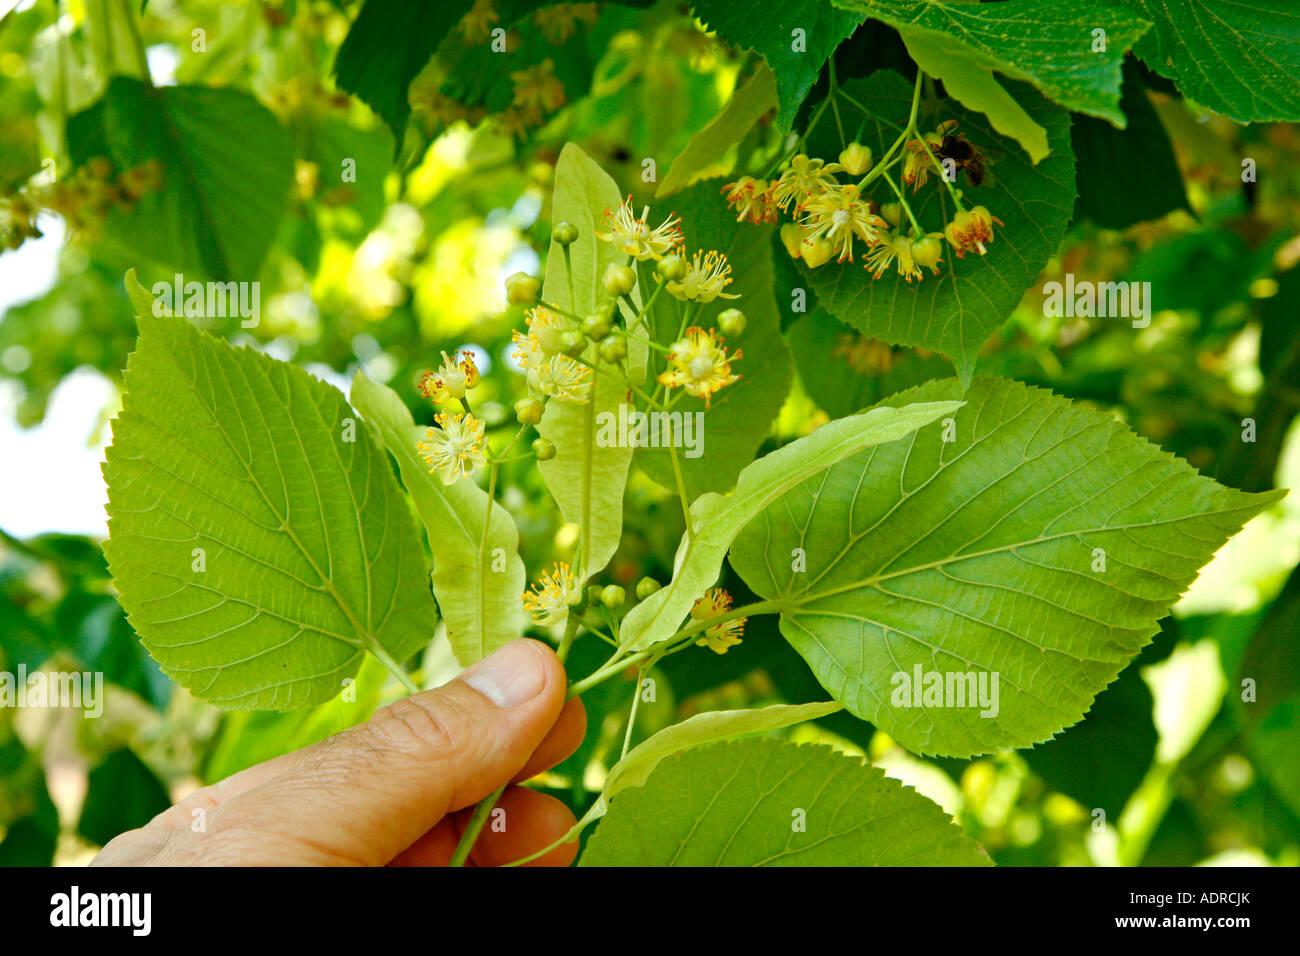 Lime Tree Tilia Stock Photos & Lime Tree Tilia Stock Images - Alamy